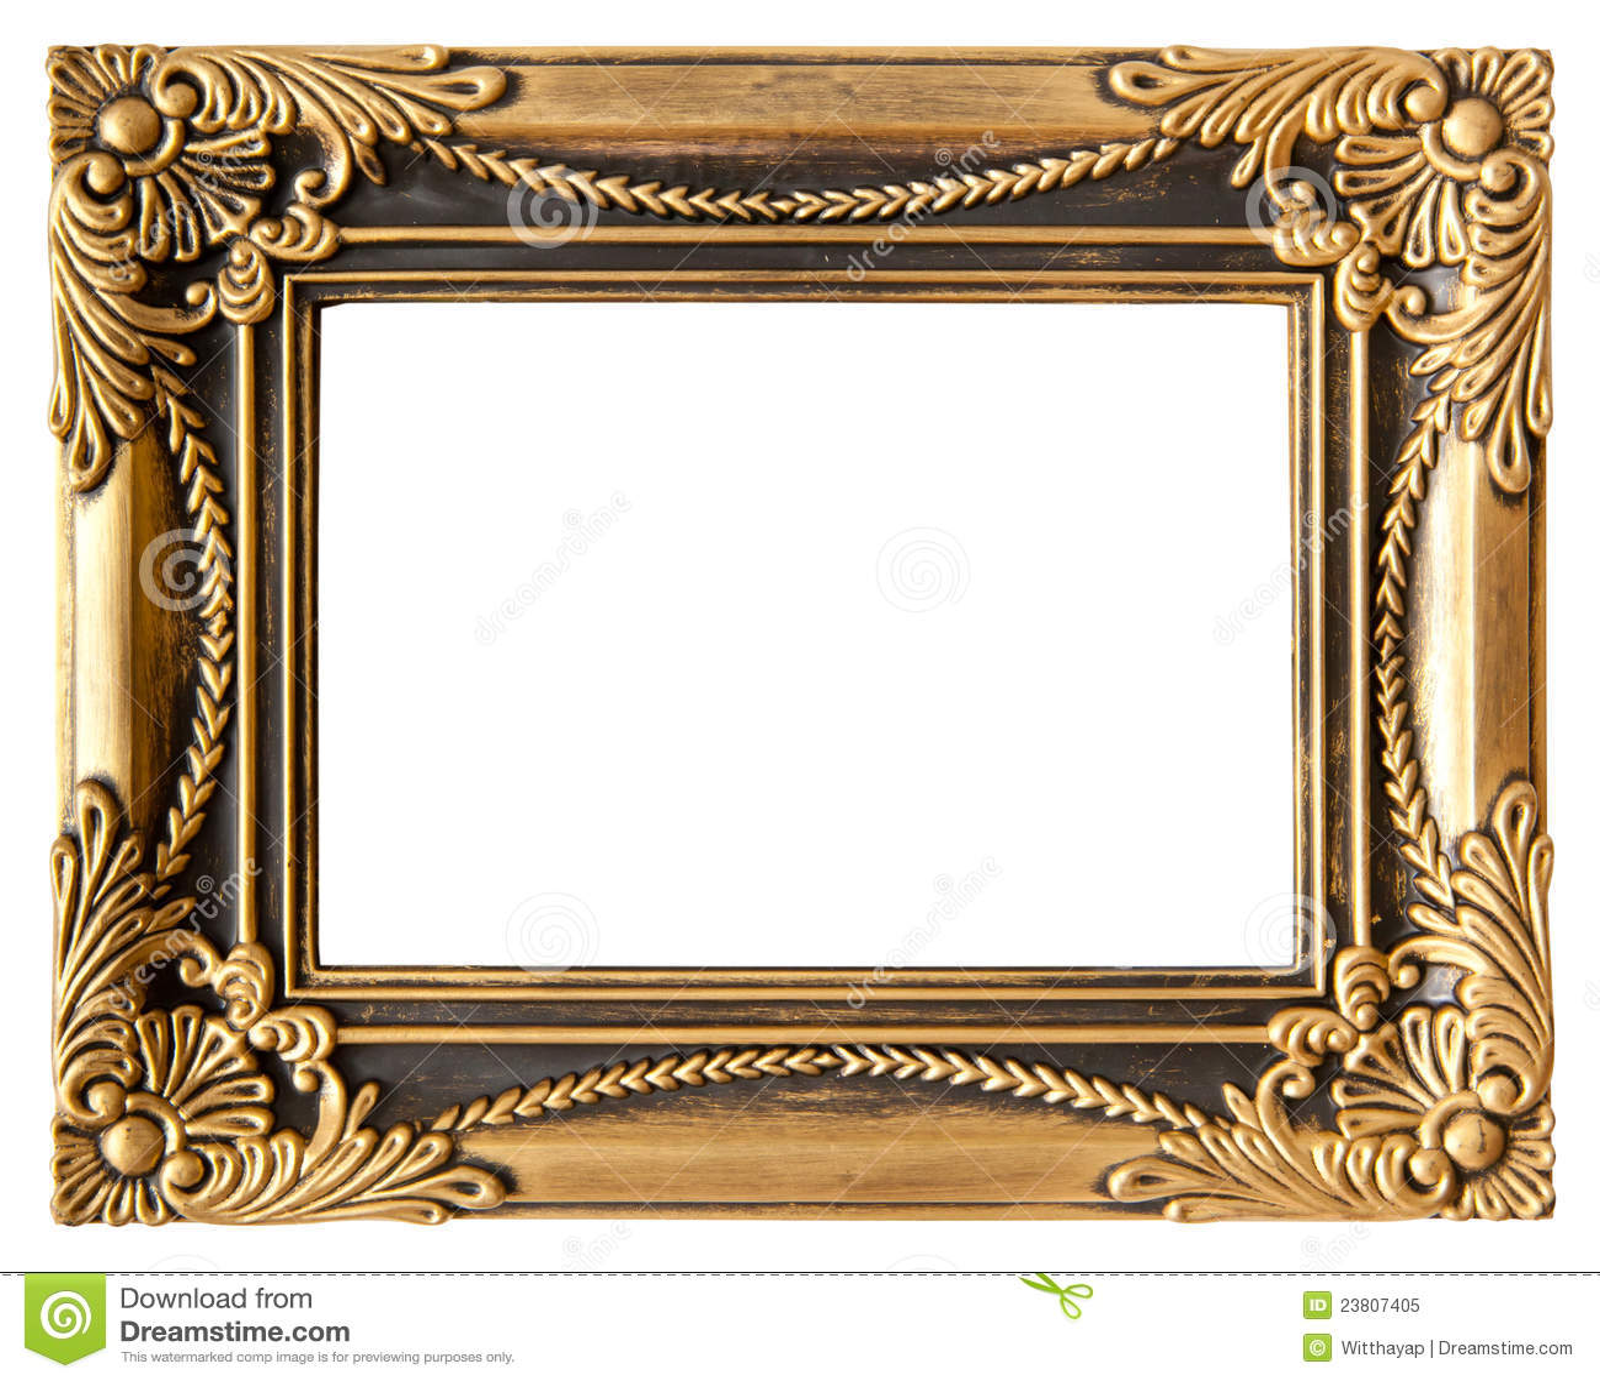 Love Gold Frame Stock Image Image Of Elegance Frame